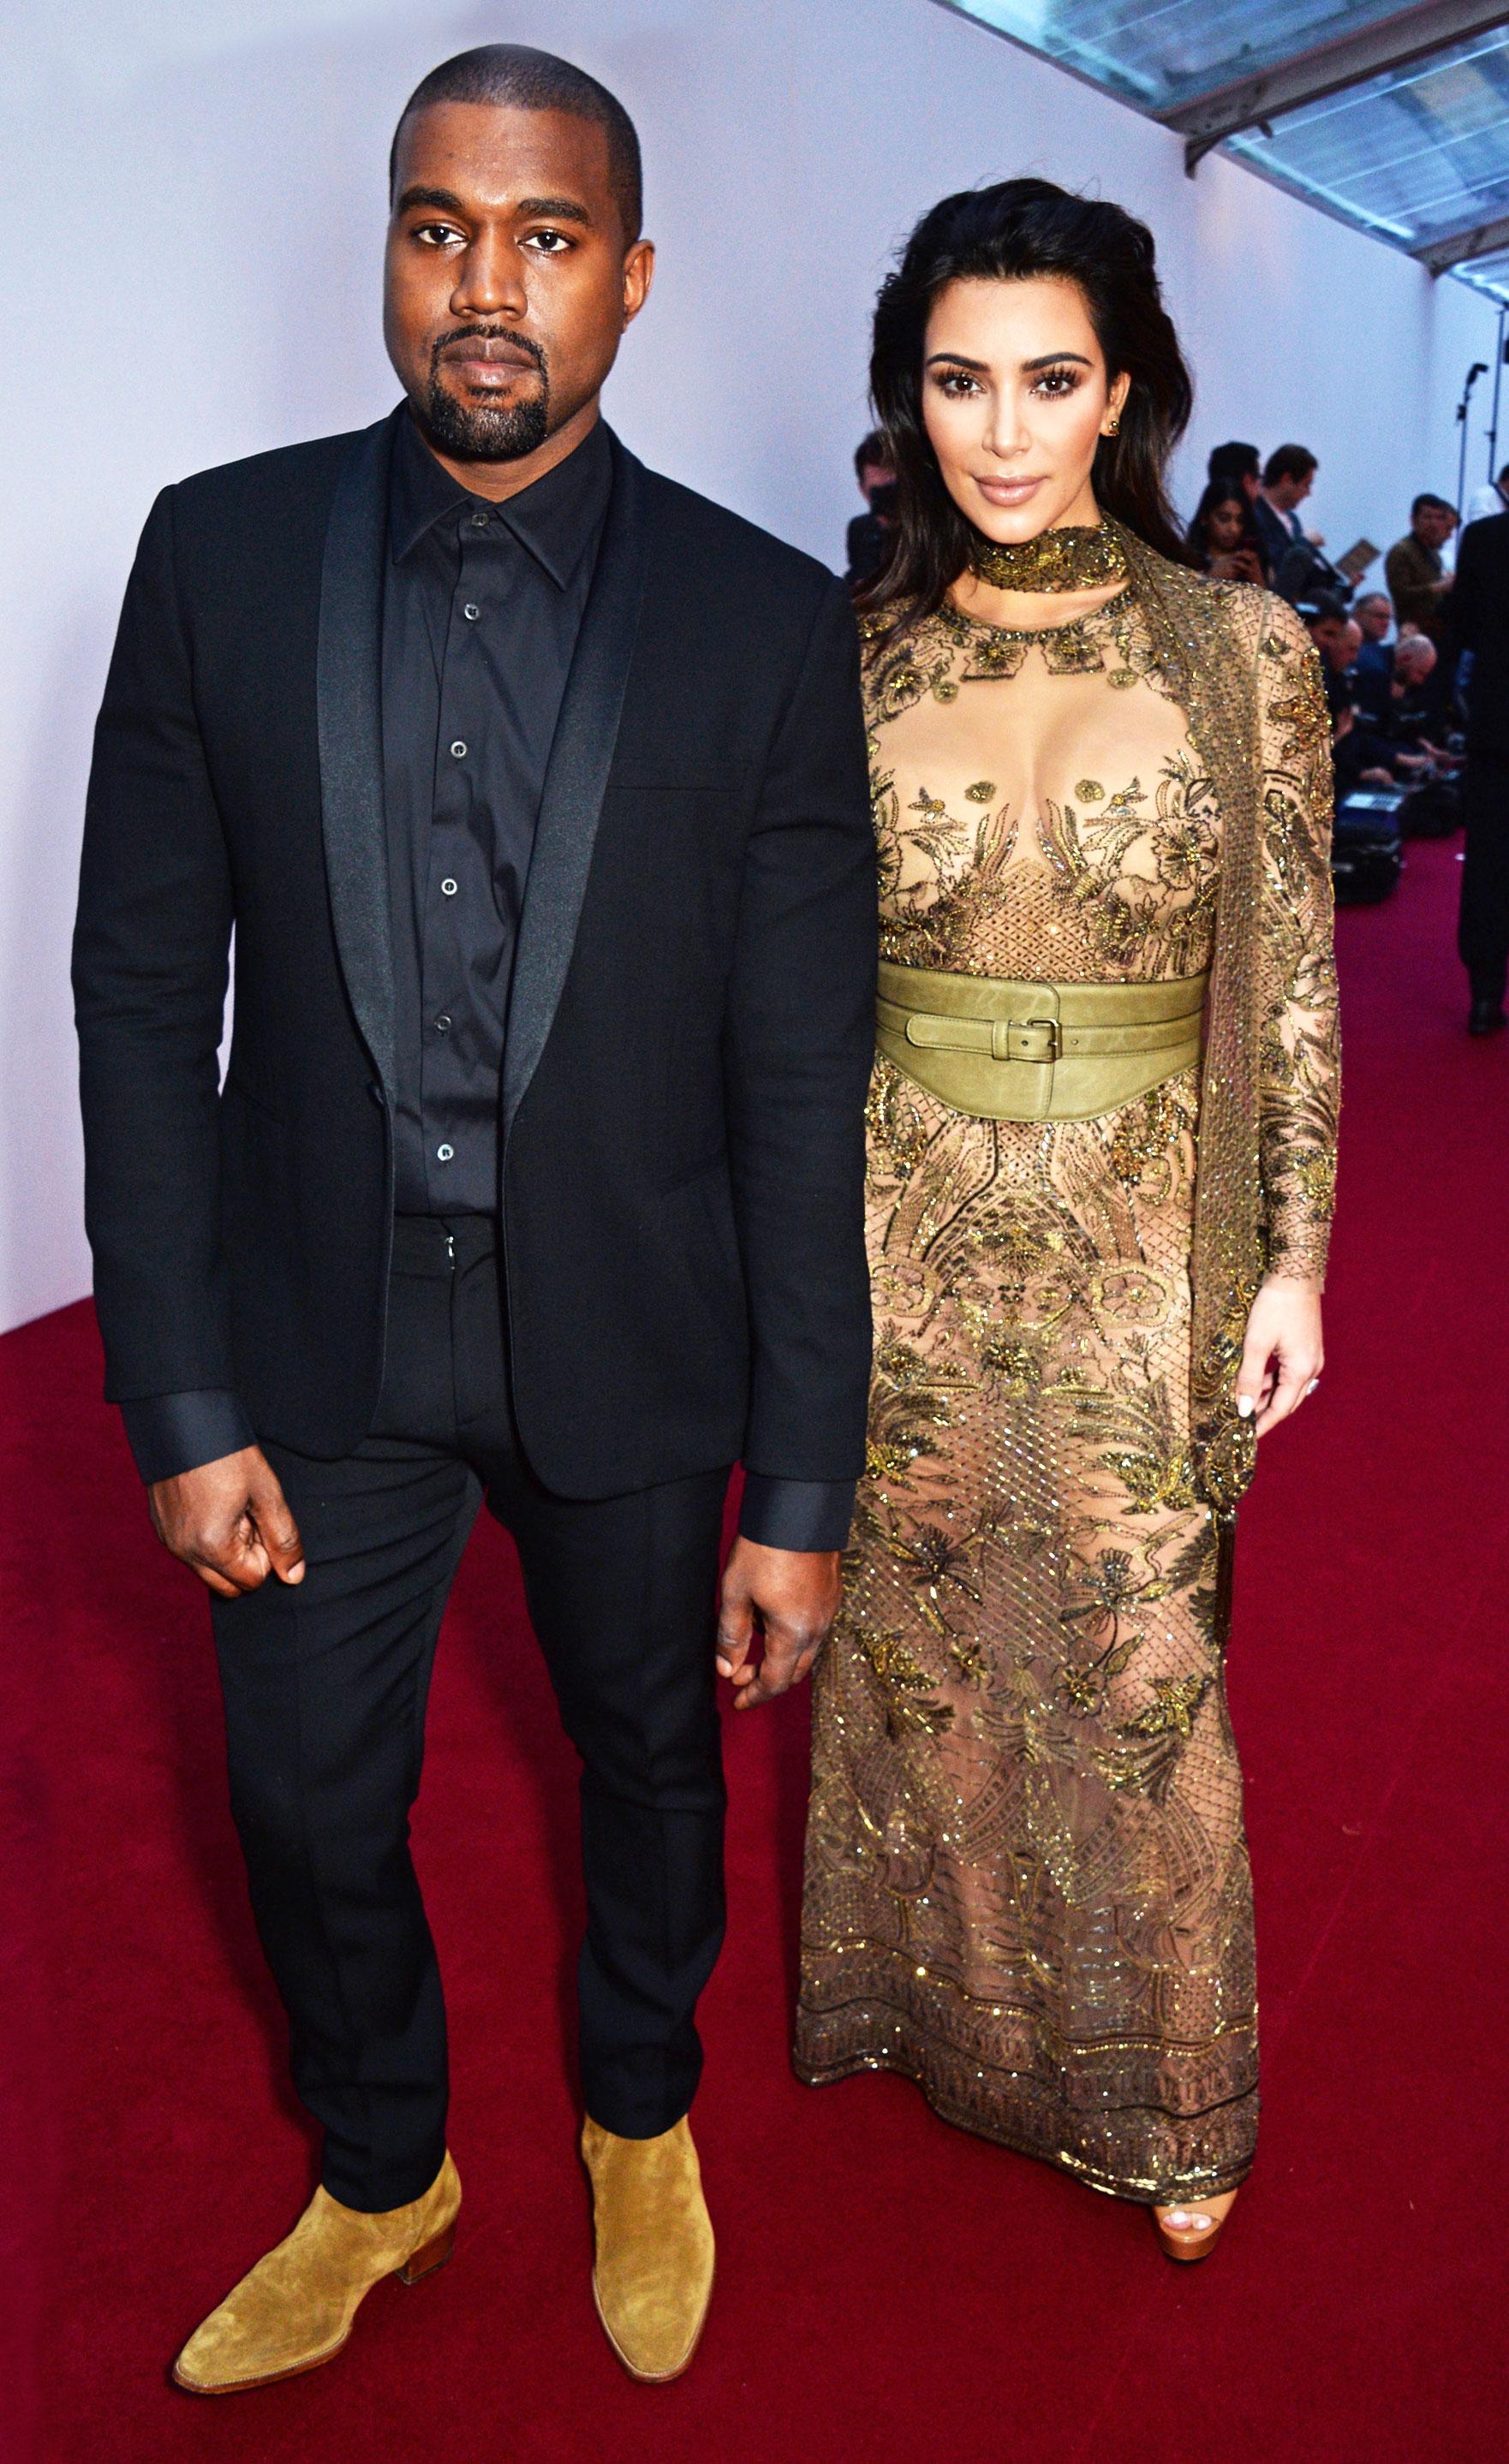 804cdb601a0fa Kanye West and Kim Kardashian David M. Benett Dave Benett Getty